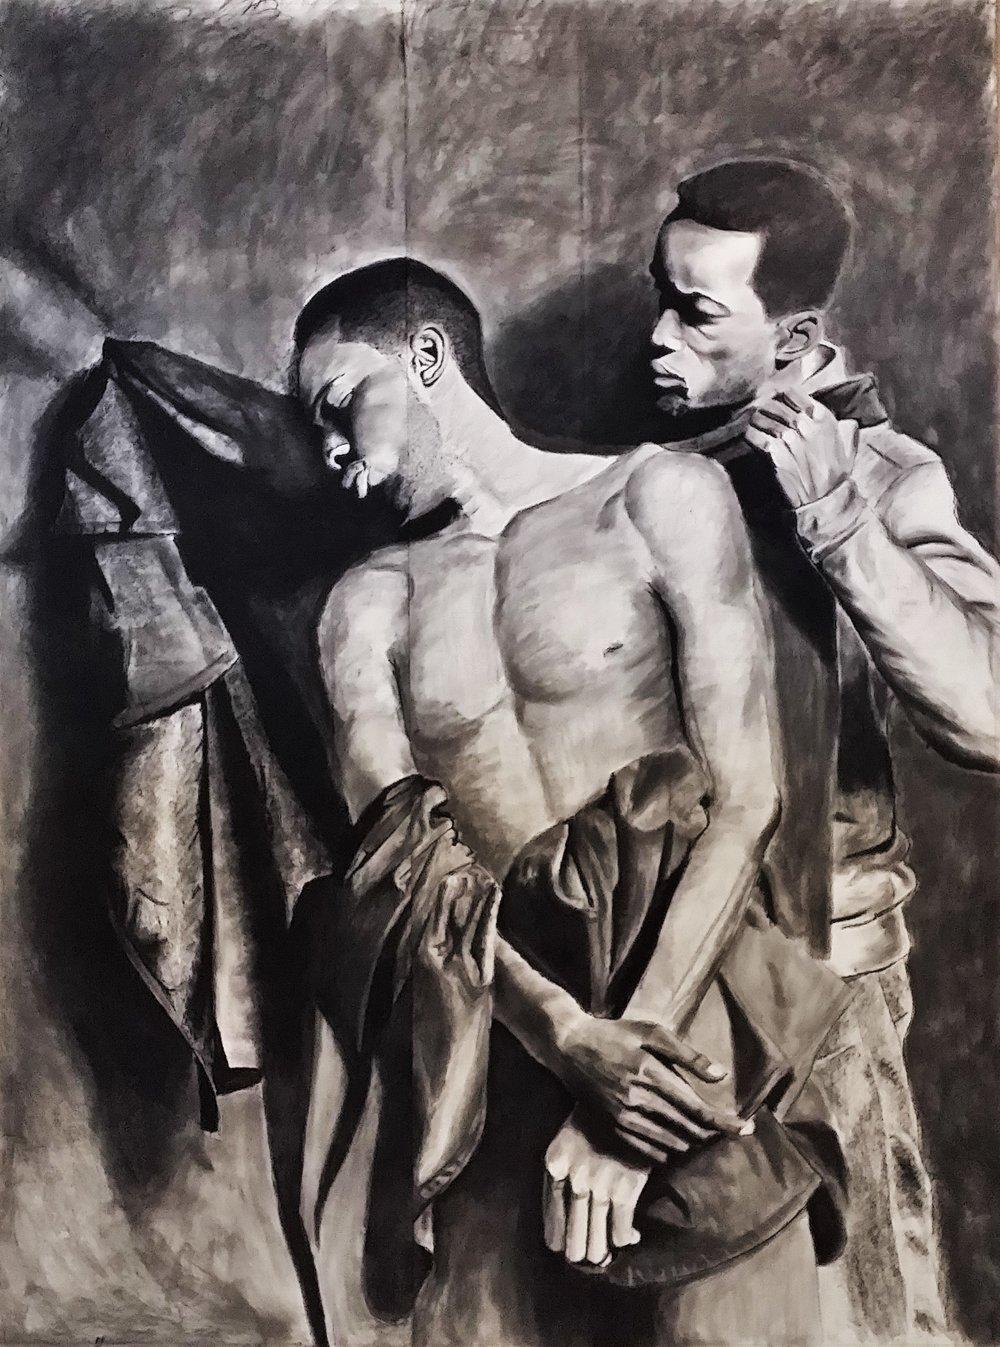 ECCE HOMO - BEHOLD THE MAN